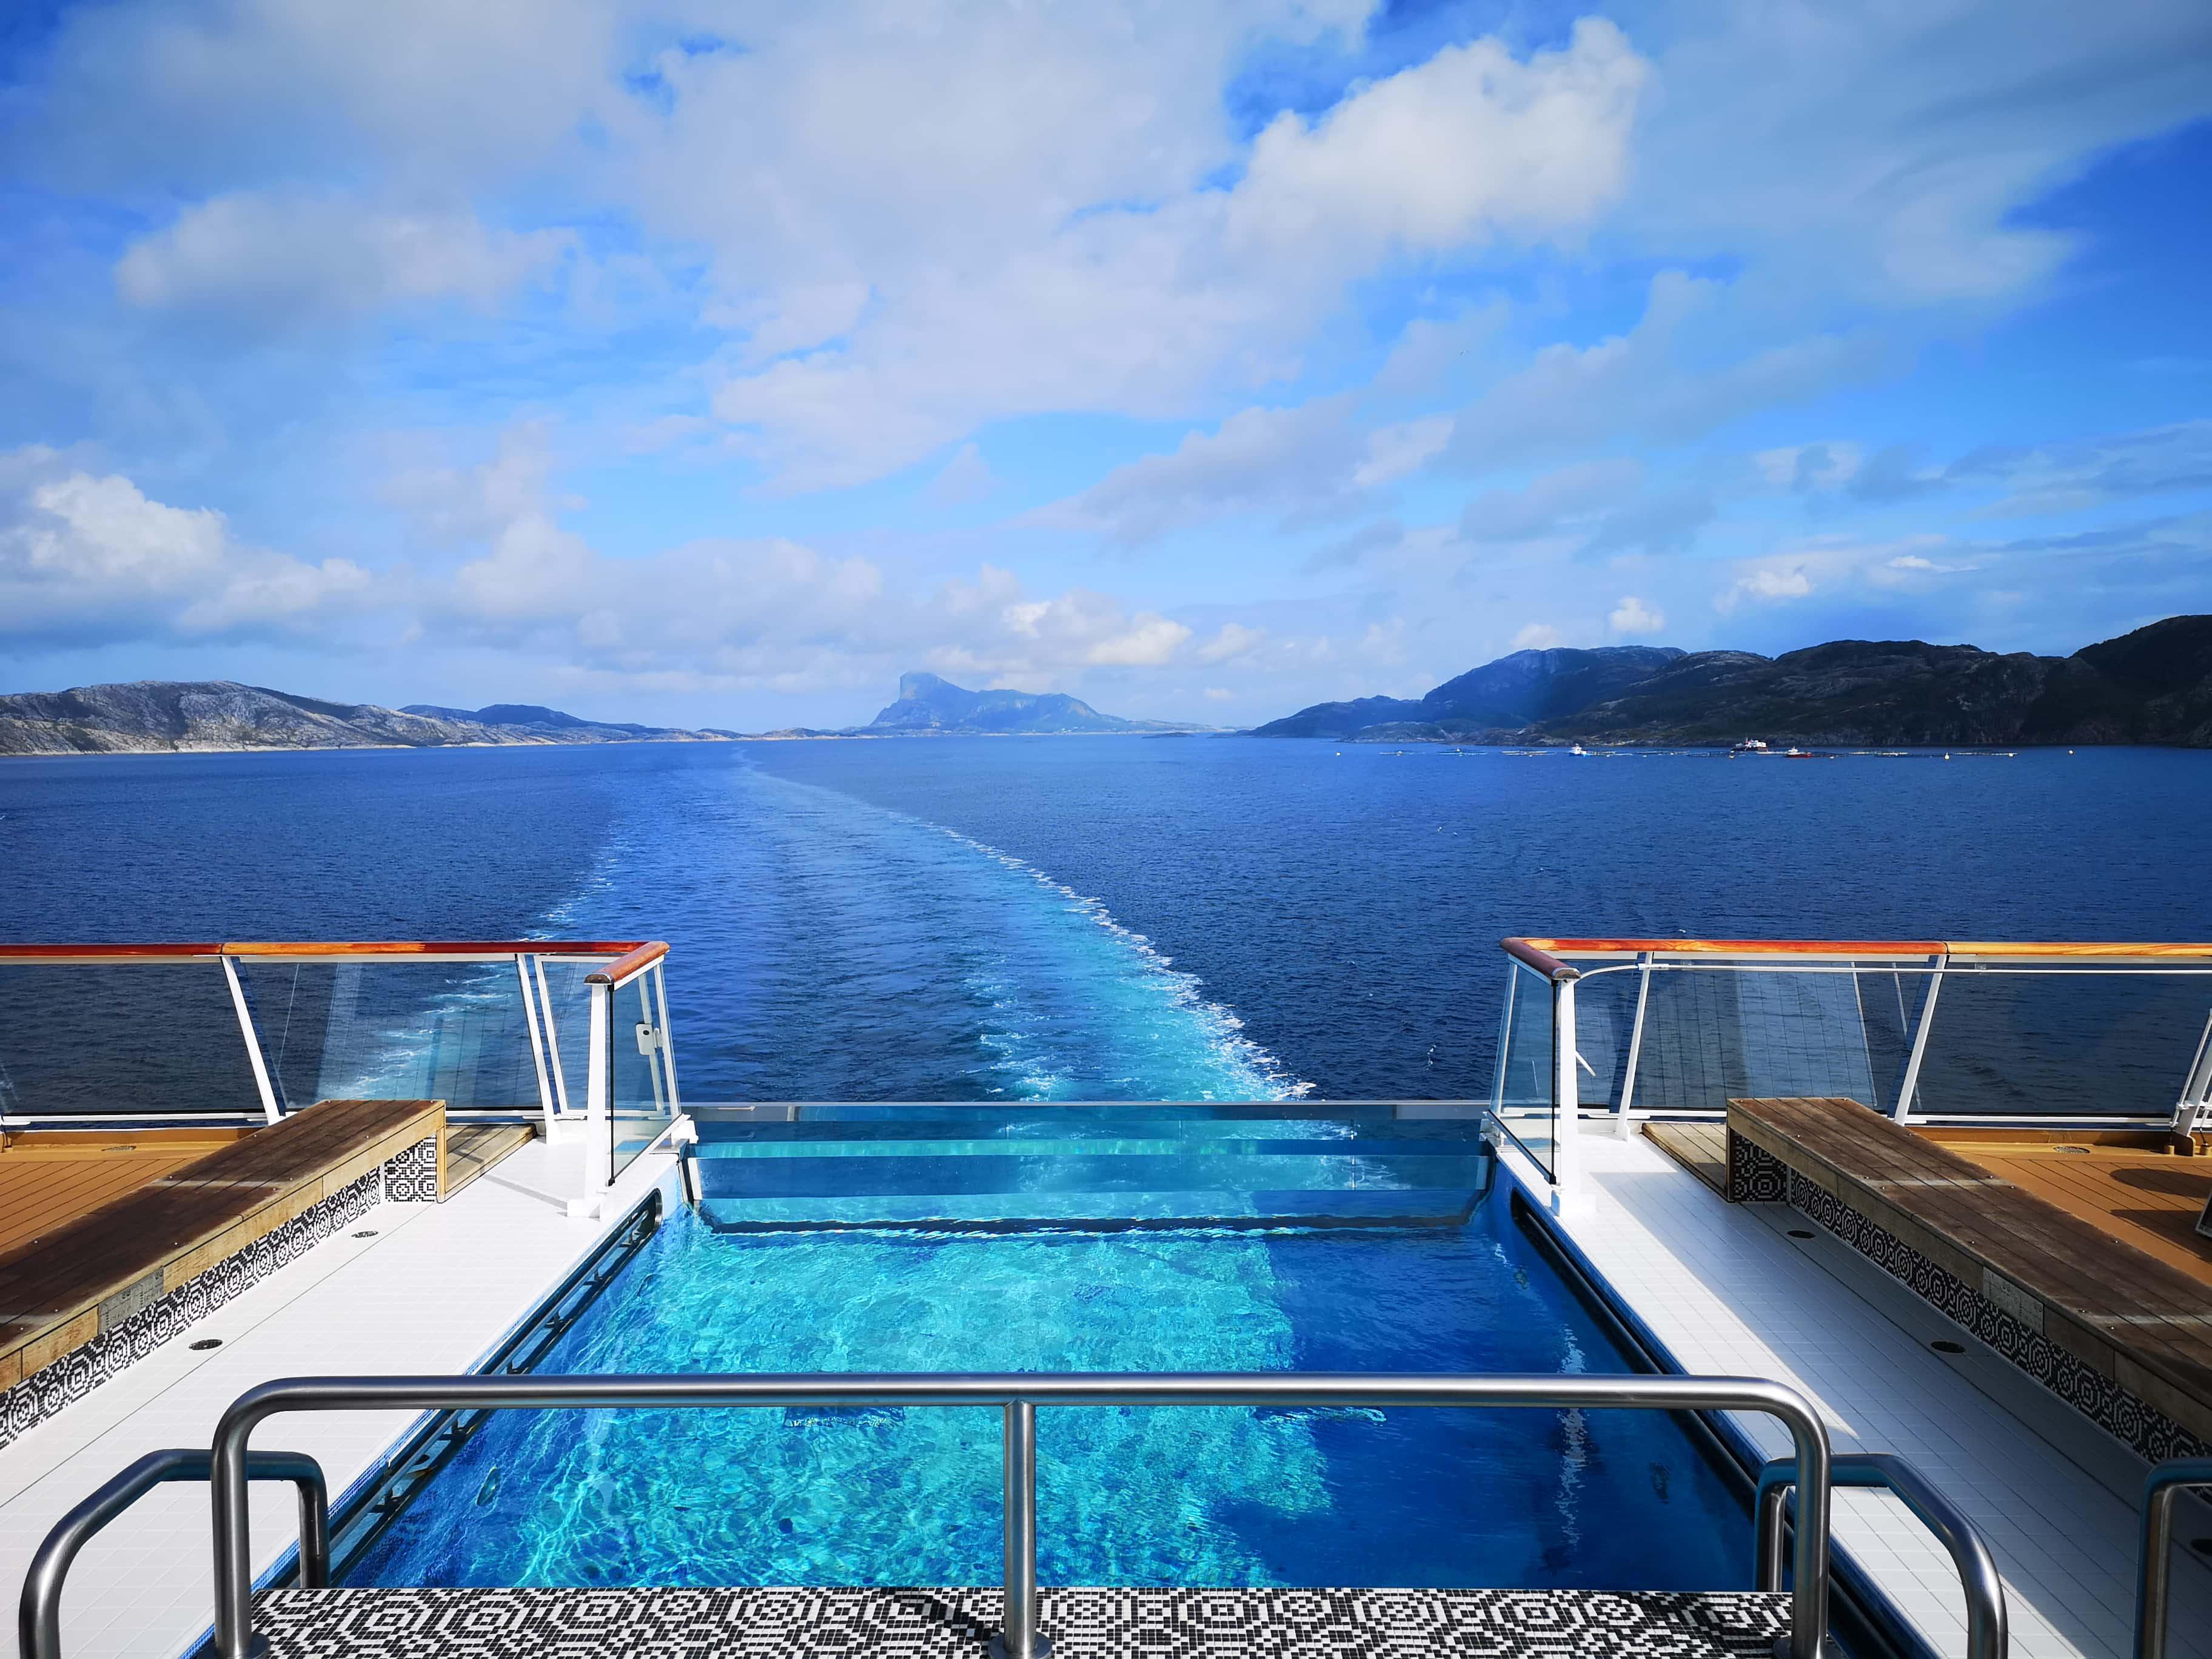 Viking Cruises Sea - Infinity Pool View of Ocean Norway